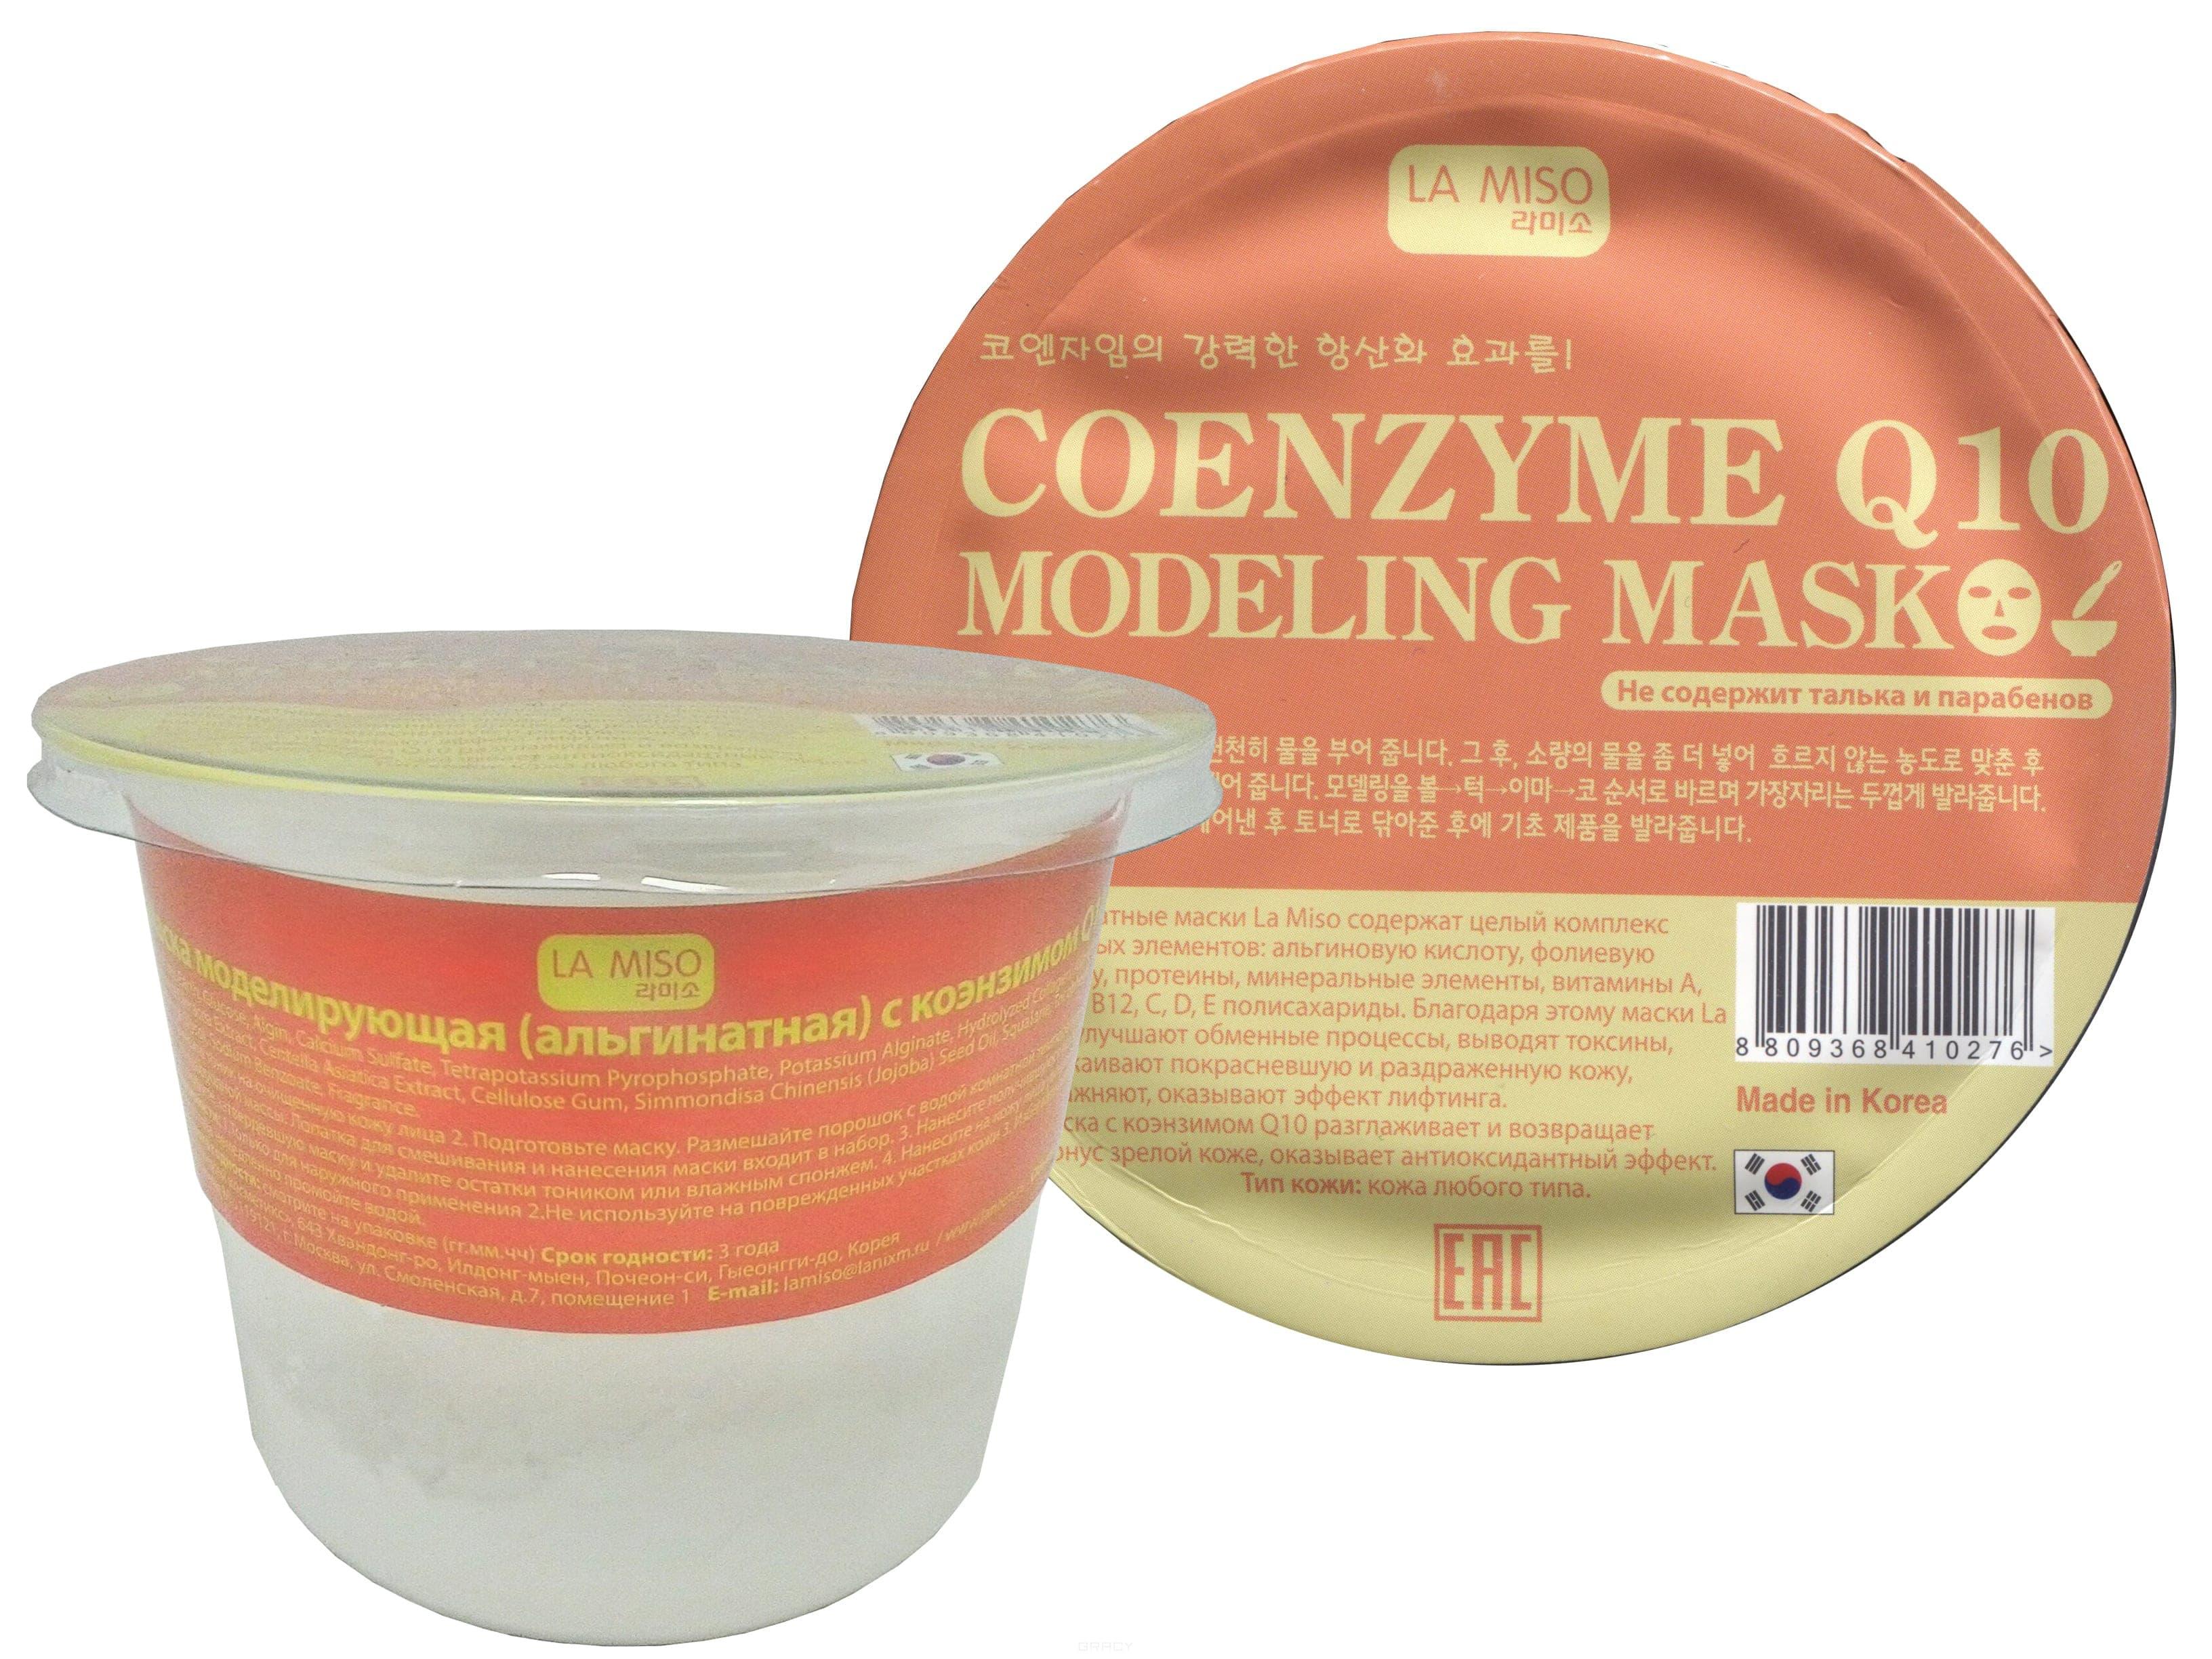 Купить La Miso, Modeling Mask Coenzyme Q10 Маска для лица моделирующая (альгинатная) с коэнзимом, для зрелой кожи Ла Мисо, 28 гр